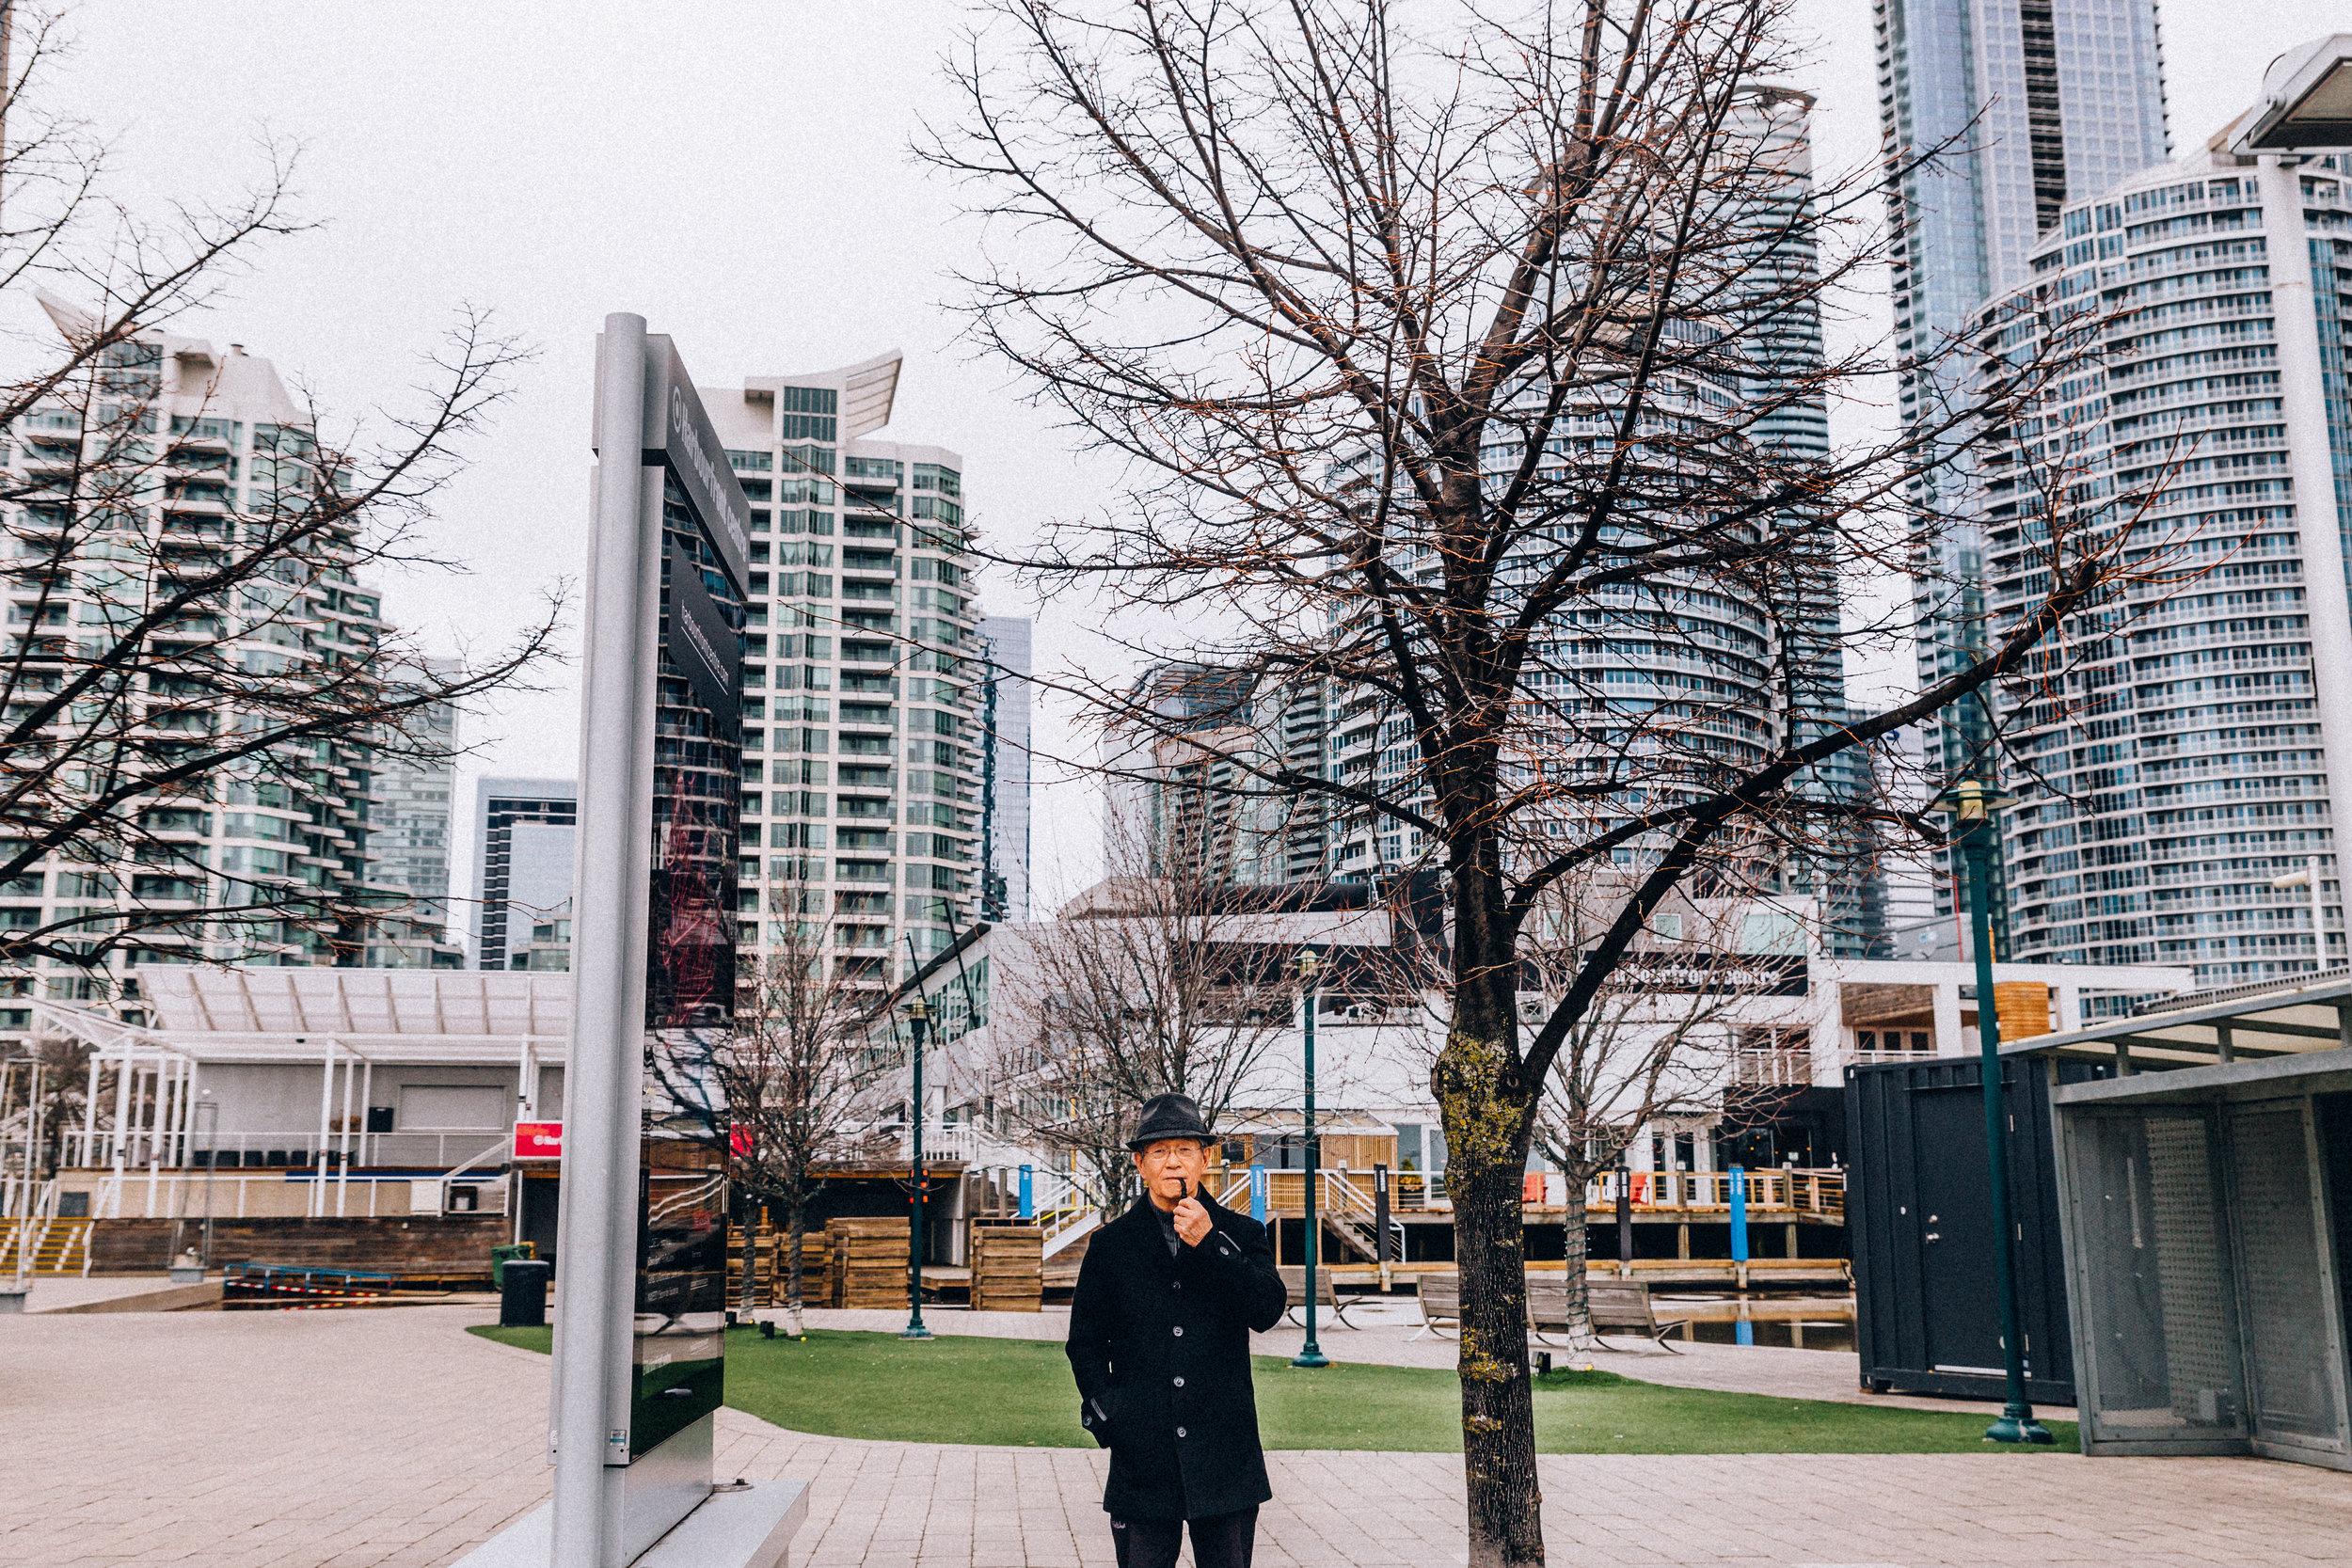 Downton Toronto